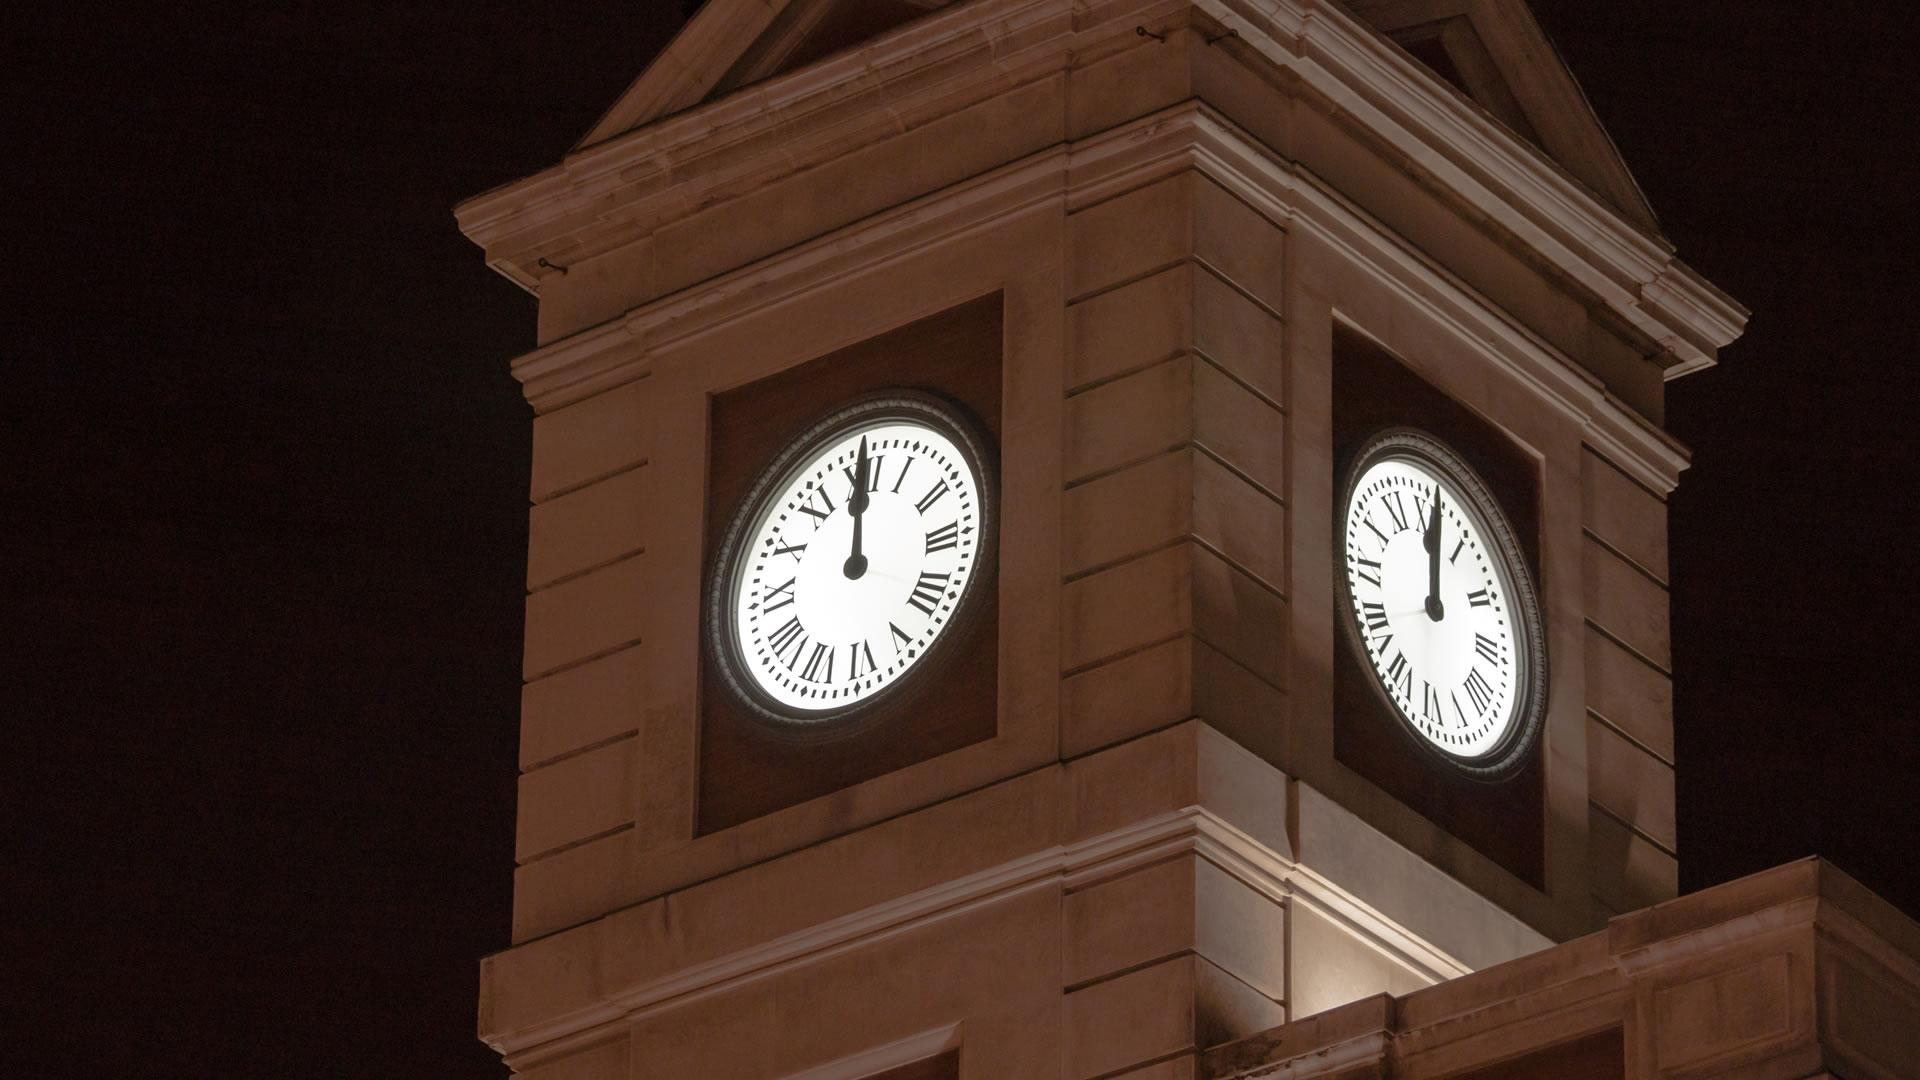 n mero iiii en los relojes tradici n historia o misterio